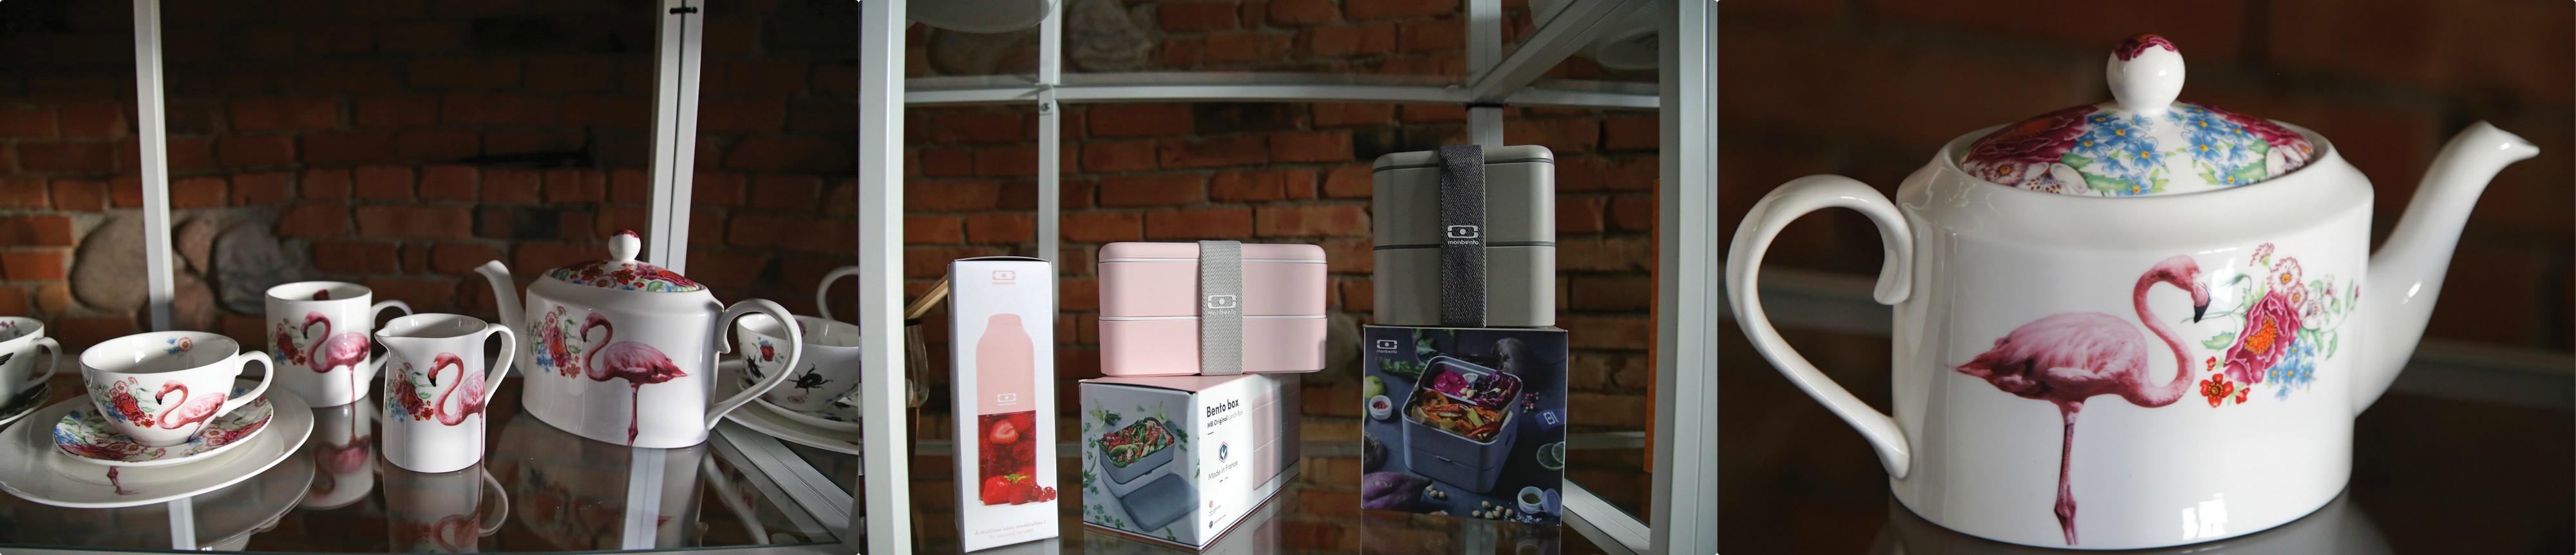 """Elektroninės parduotuvės """"VinMoDeco"""" prekių asortimentas pamažu plečiasi – pradėję nuo puodelių, lėkštučių bei kitų tradicinių stalo indų, dabar prekių katalogas pasipildė įvairiomis kitomis praktiškomis prekėmis./ G. Minelgaitės-Dautorės nuotr."""